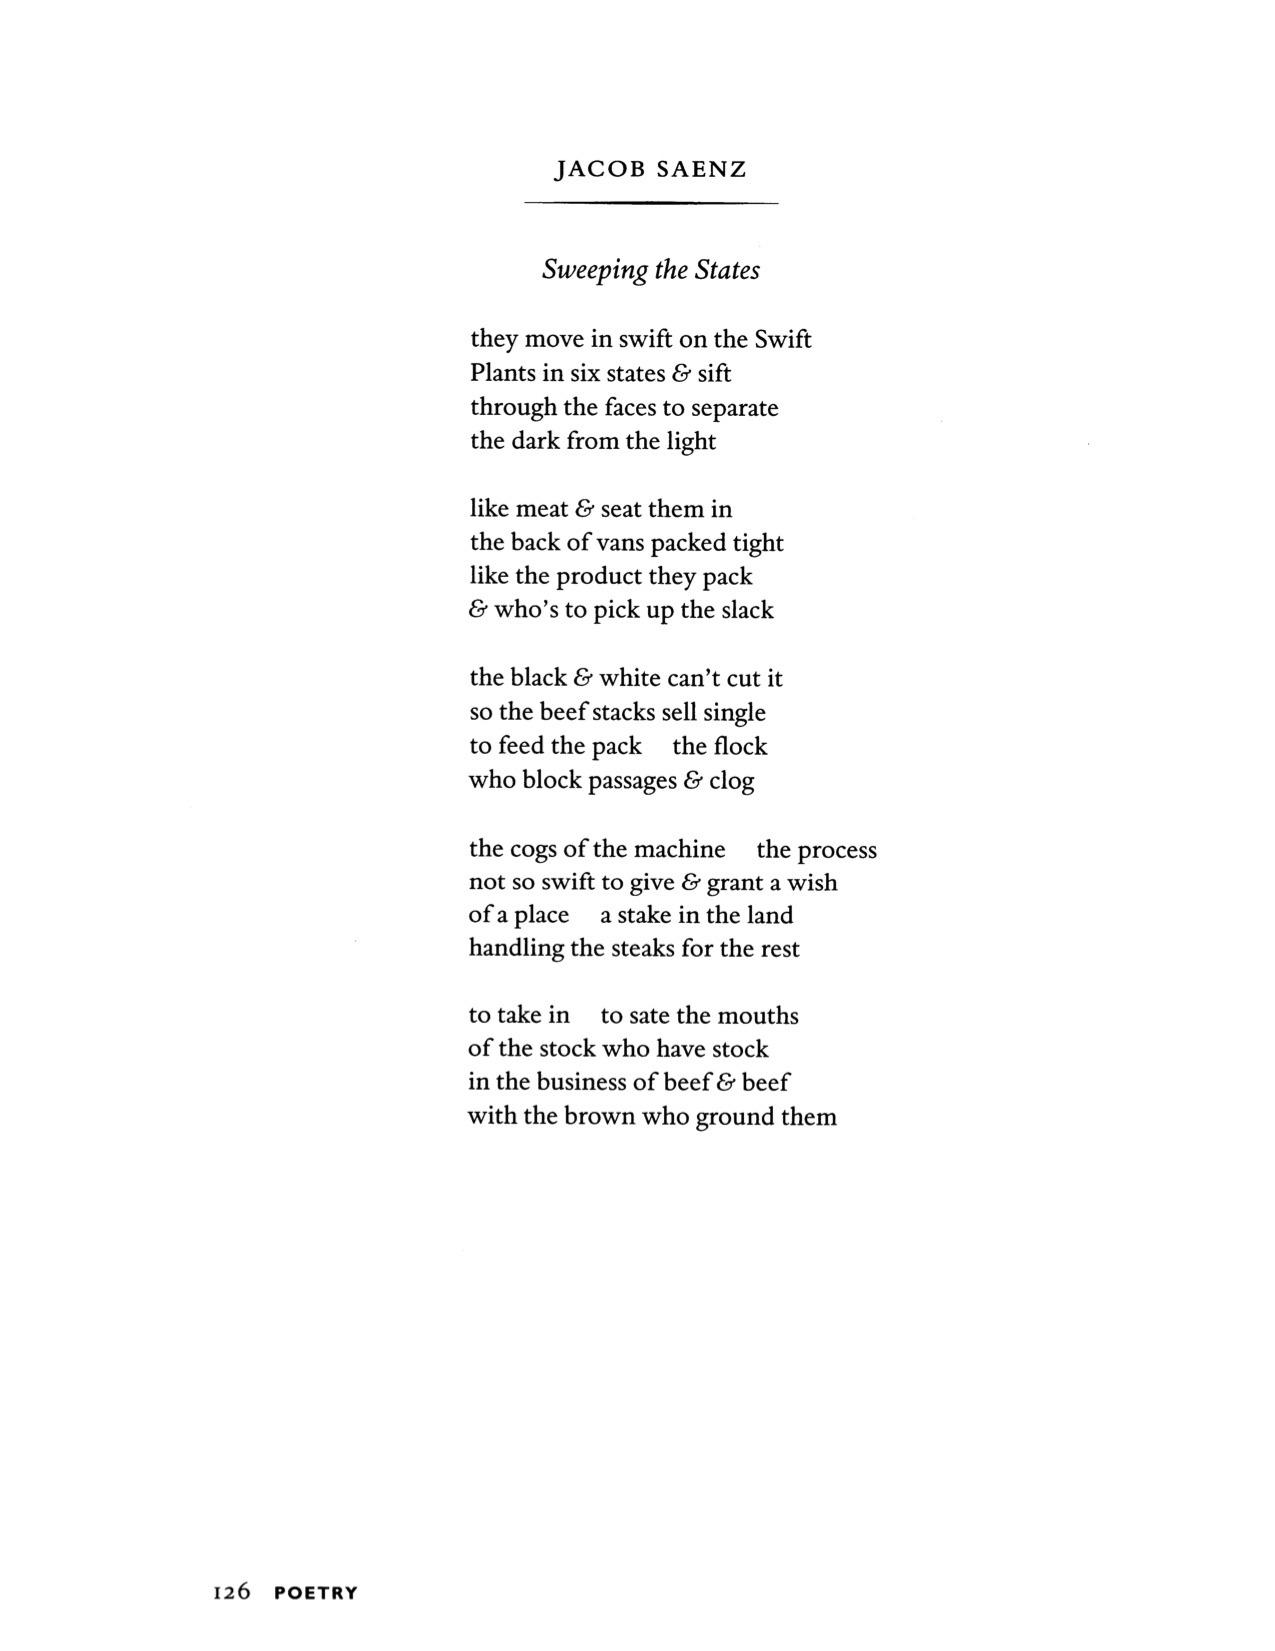 Short family Poems